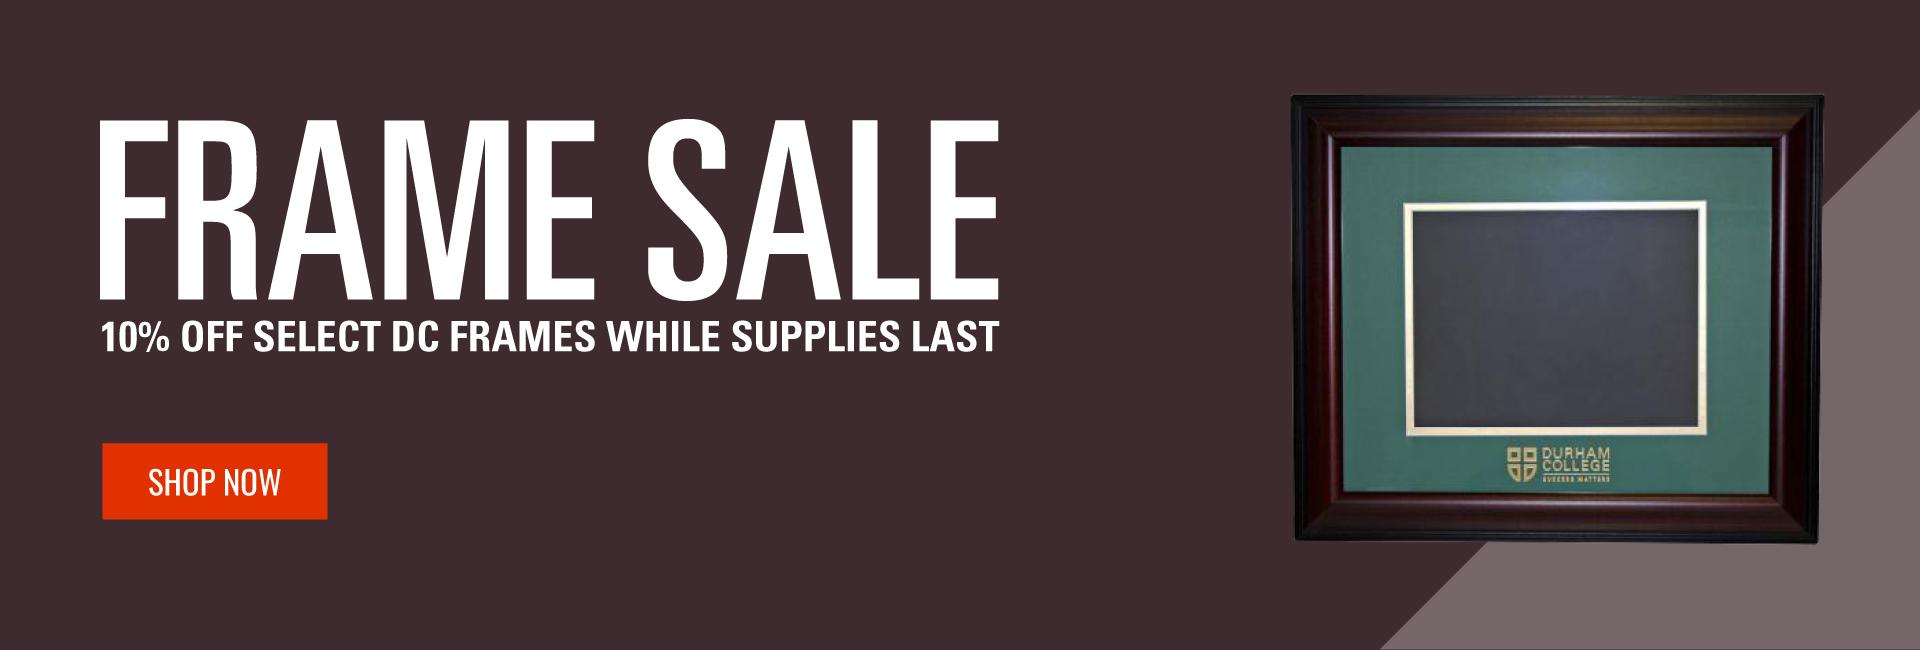 10% off frame sale, shop now